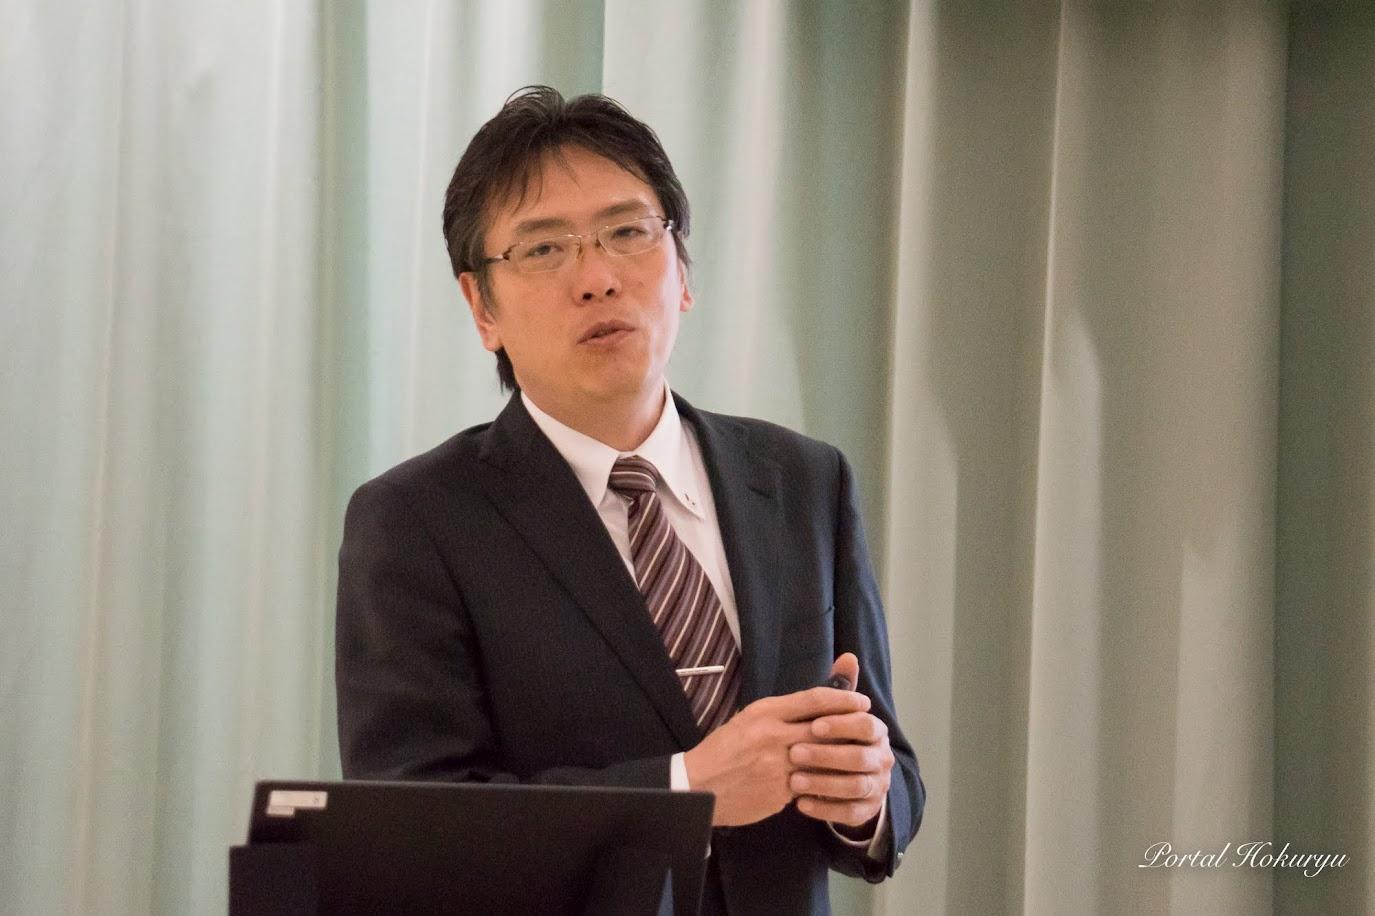 酪農学園大学食品企画開発研究室・阿部茂 教授